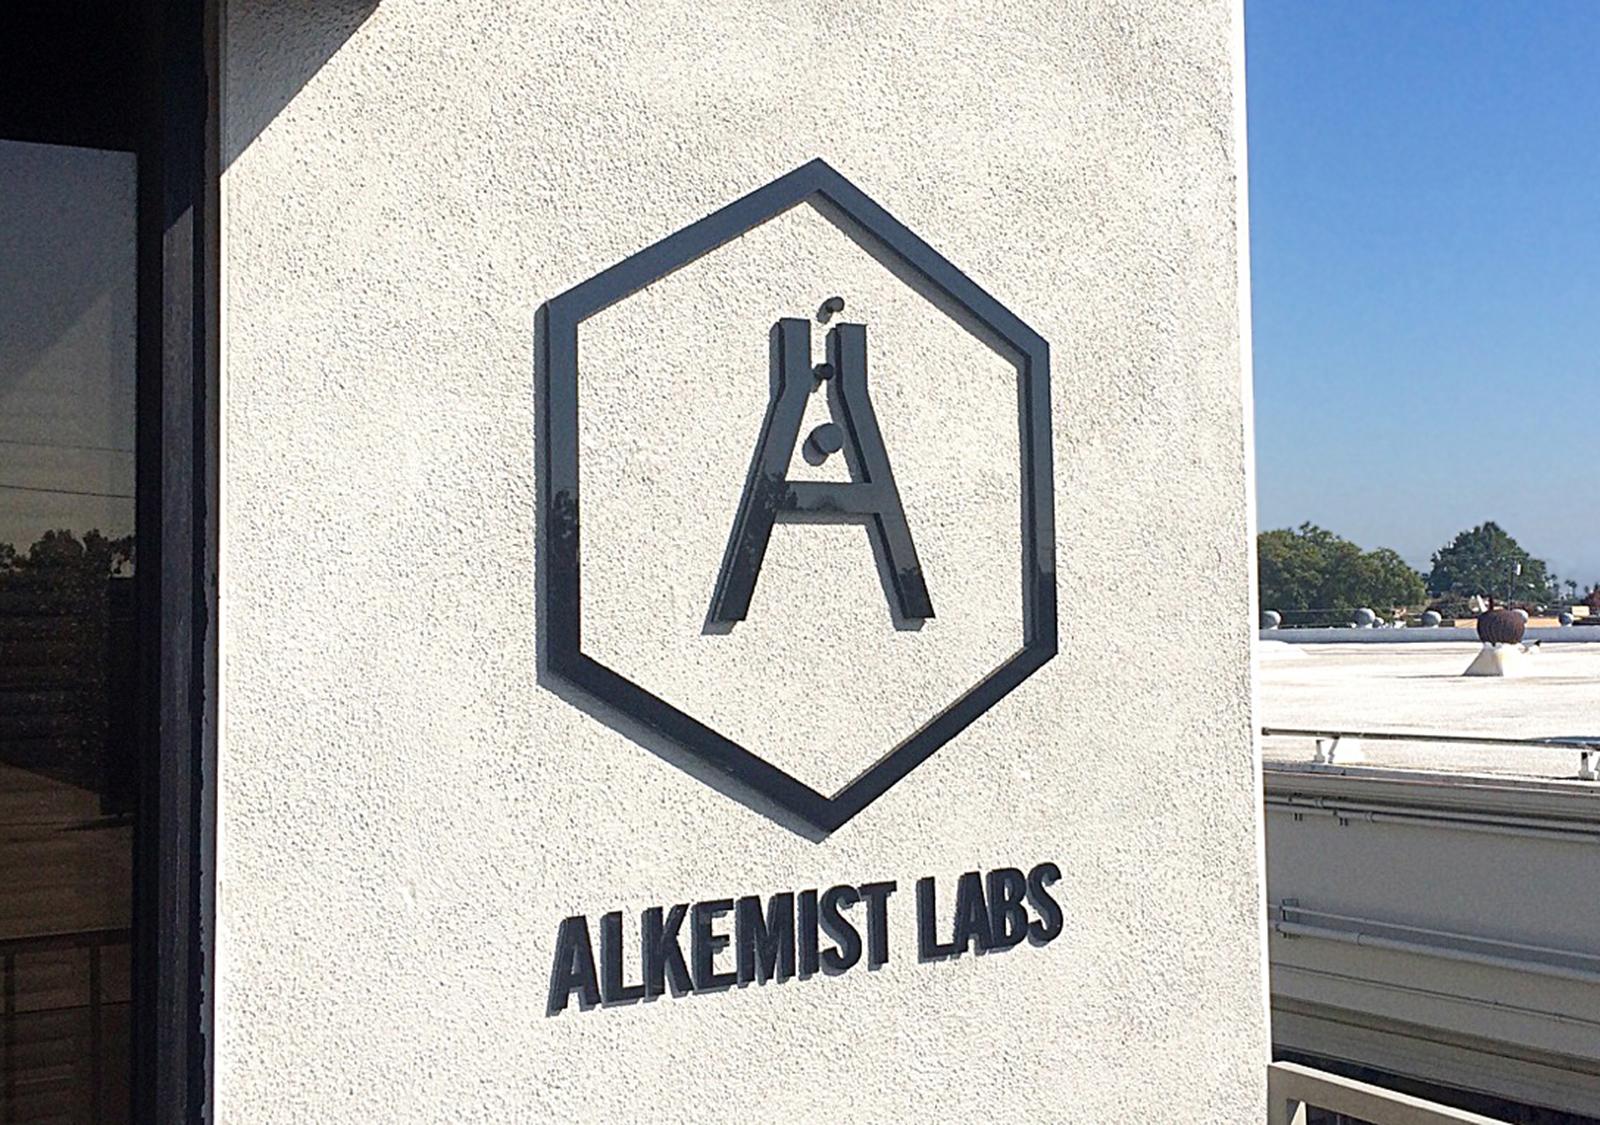 mslk-alkemist-outdoor-signage